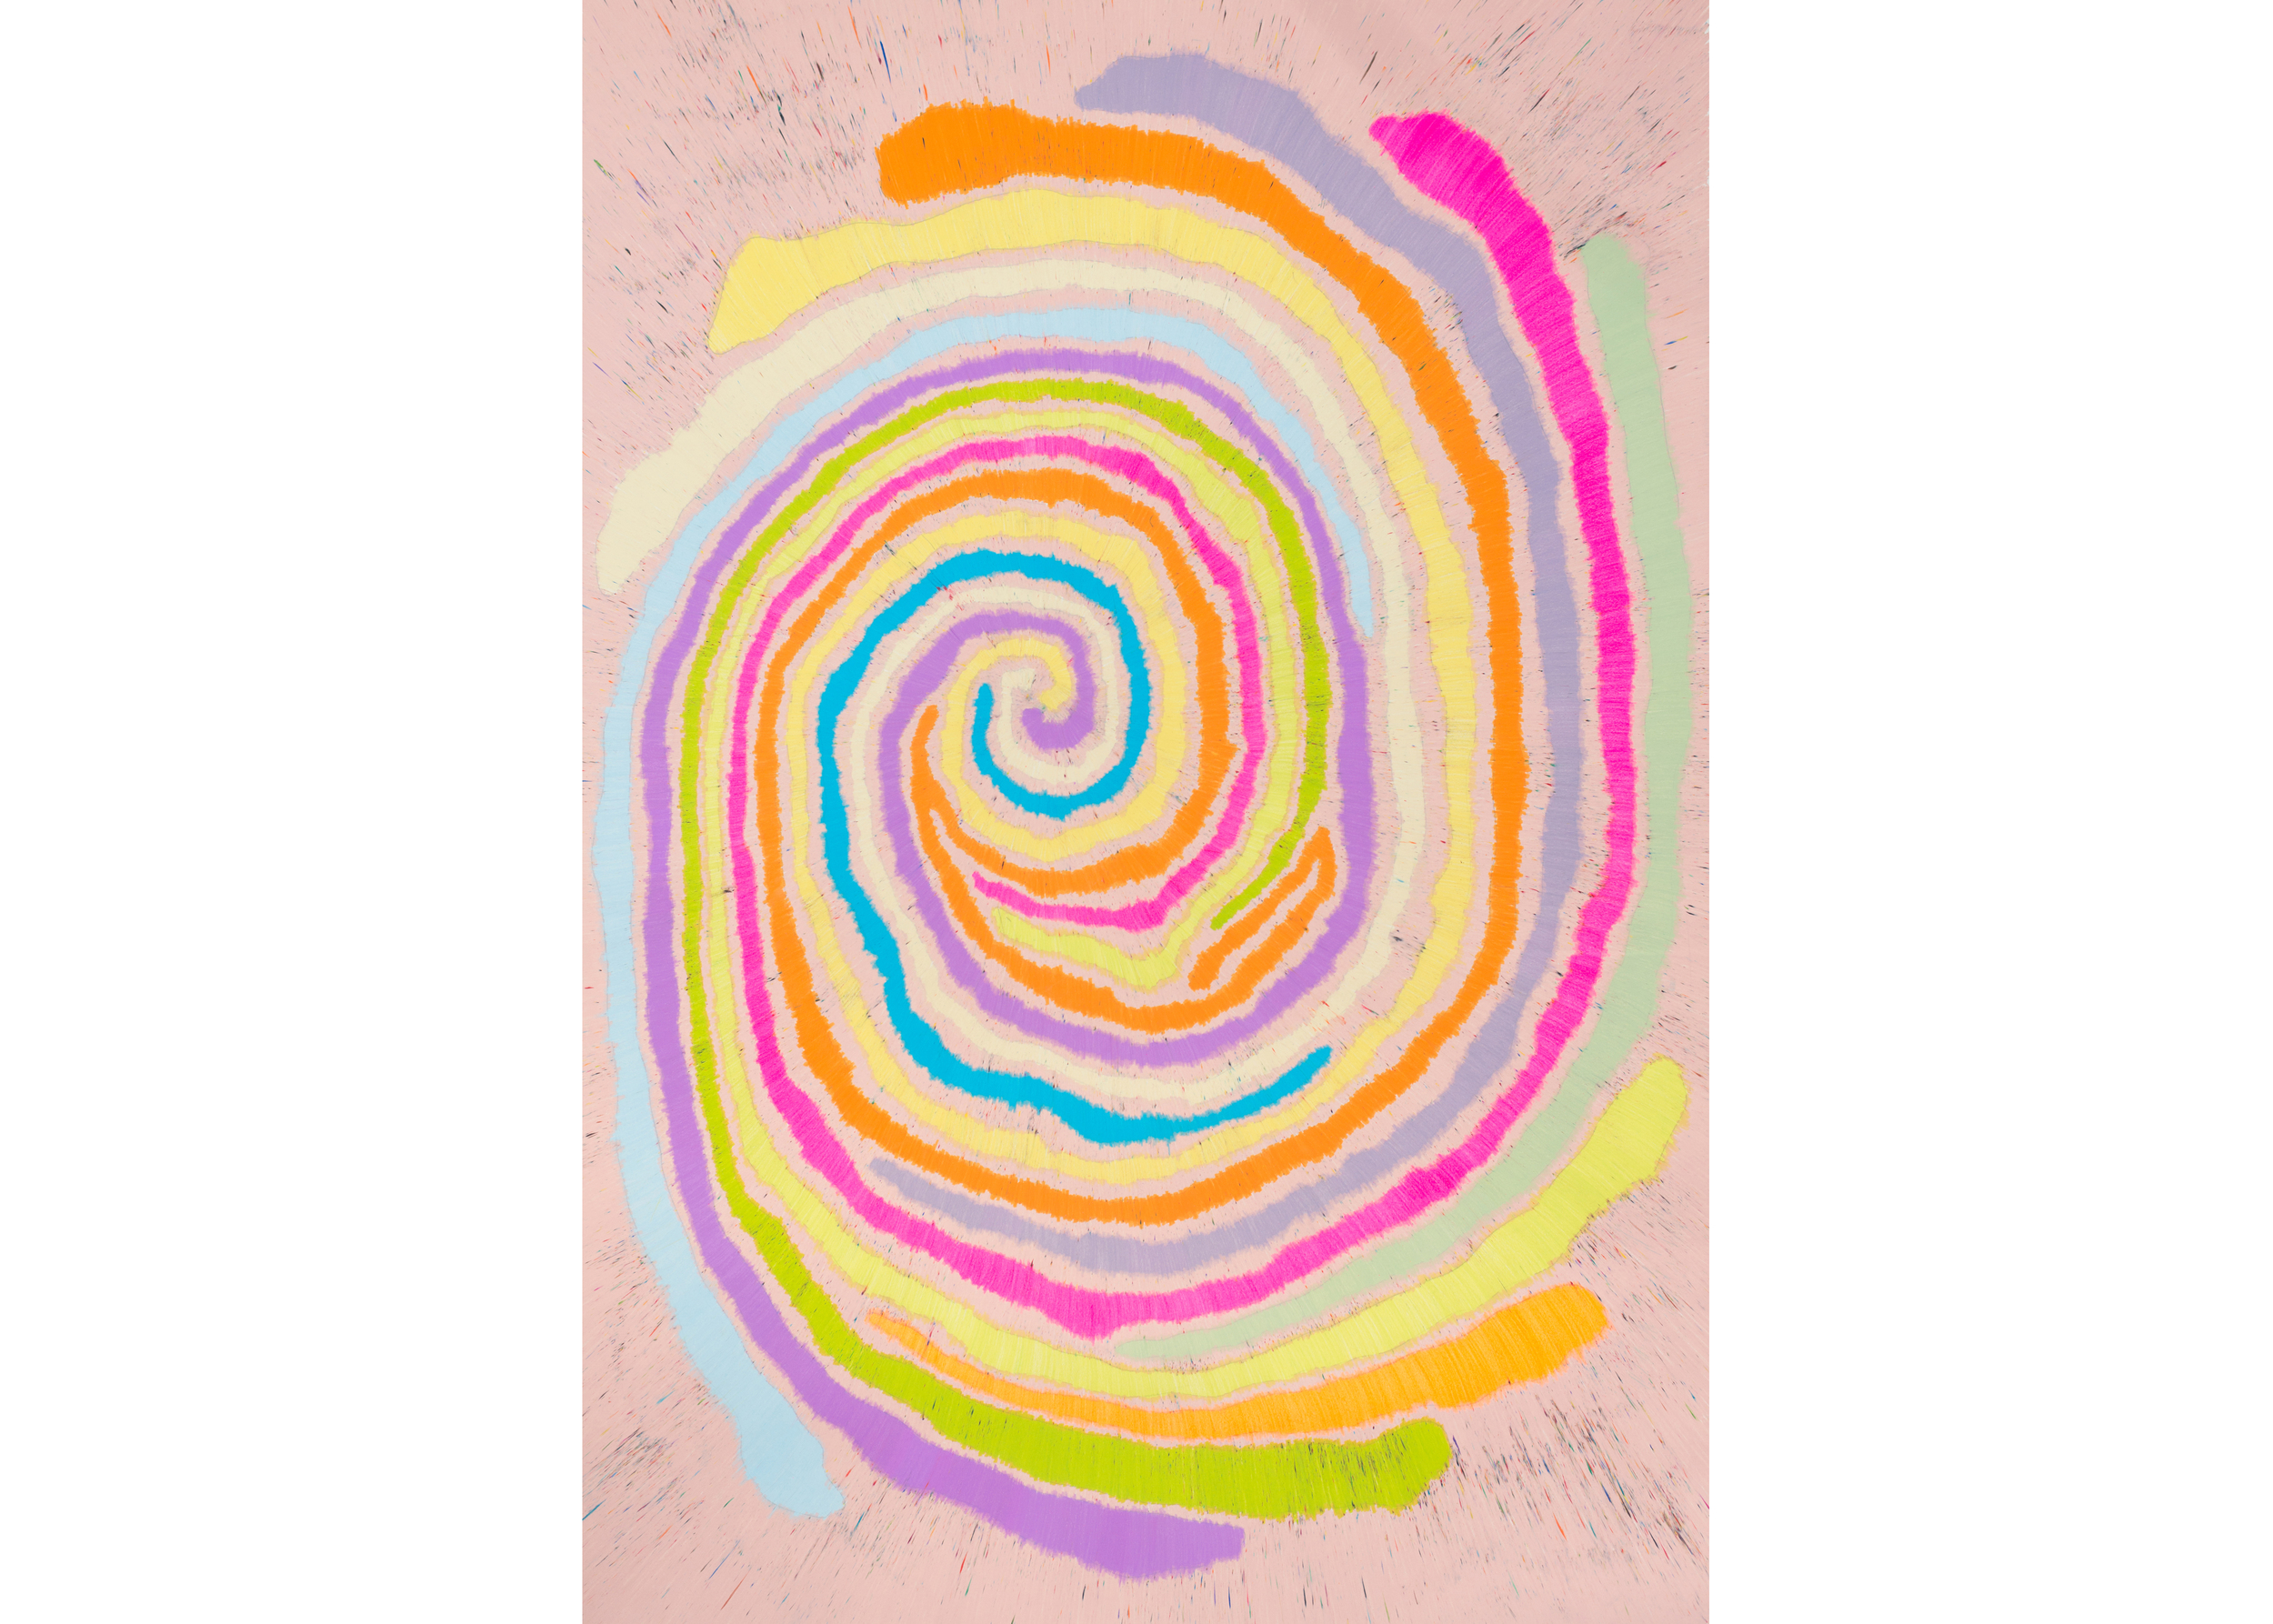 Untitled (Fruit Loop Time Loop), 2015, color pencil on paper, 73 x 51 in.